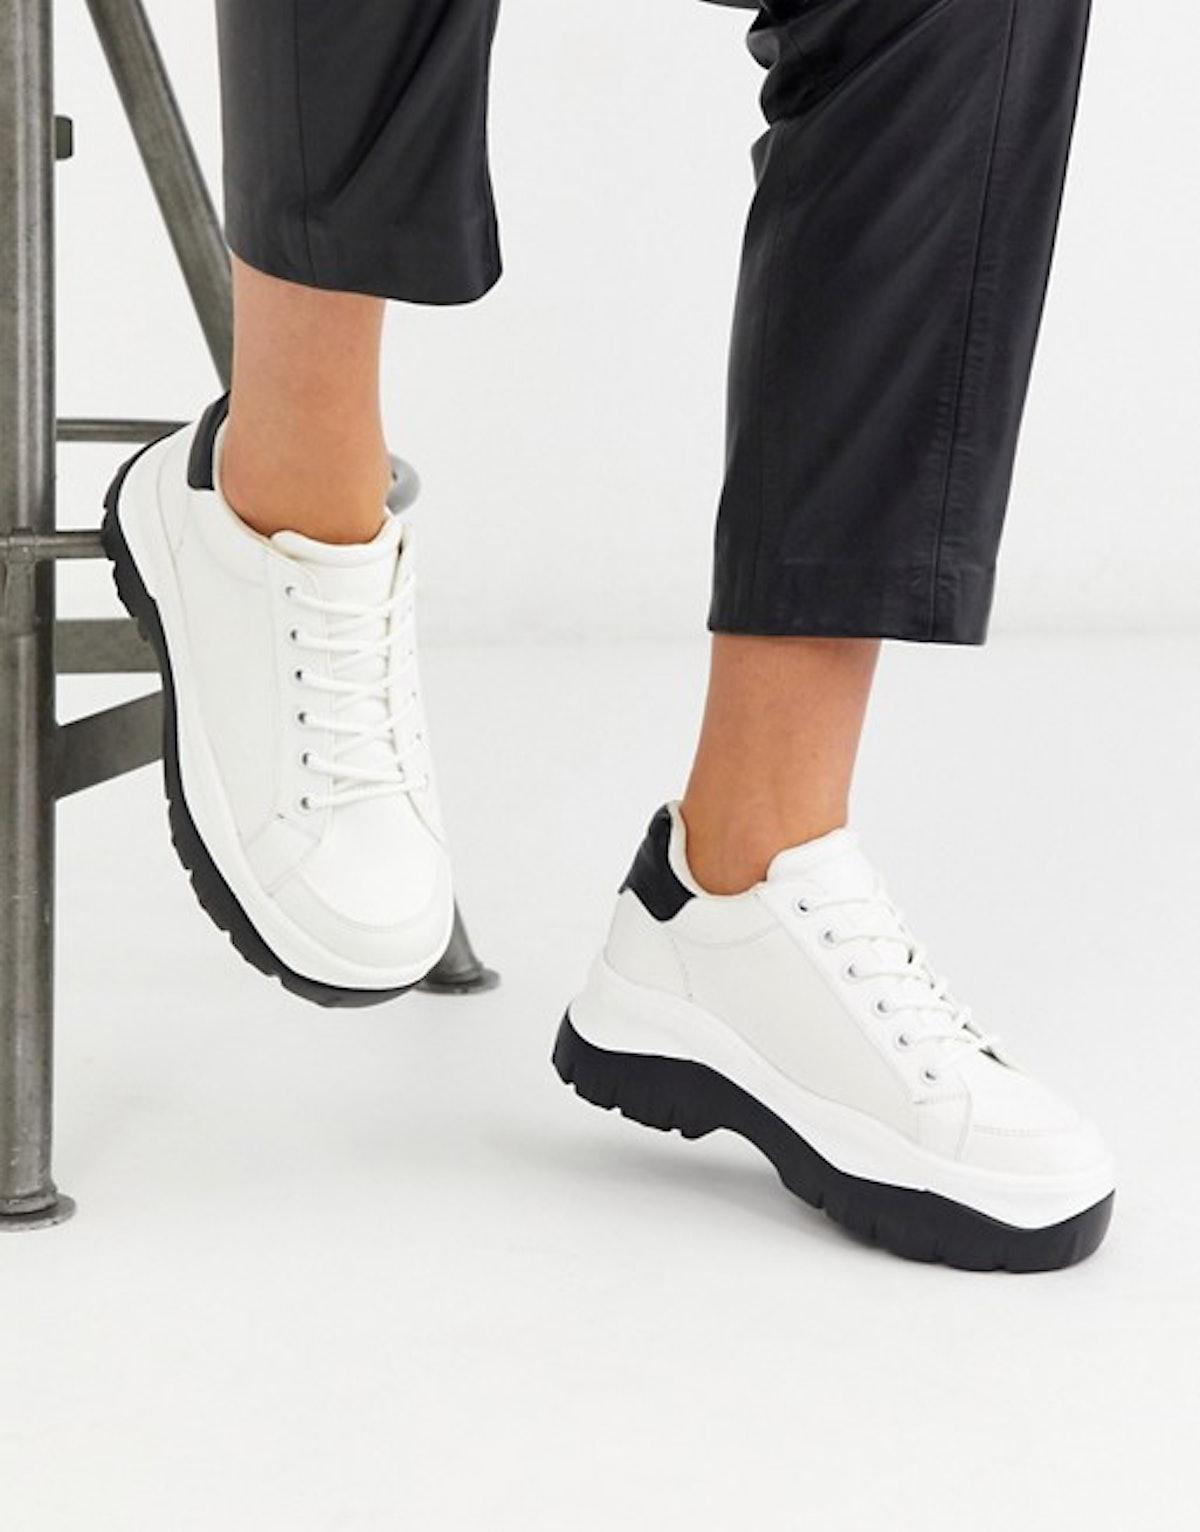 London Rebel Chunky Sneaker in White